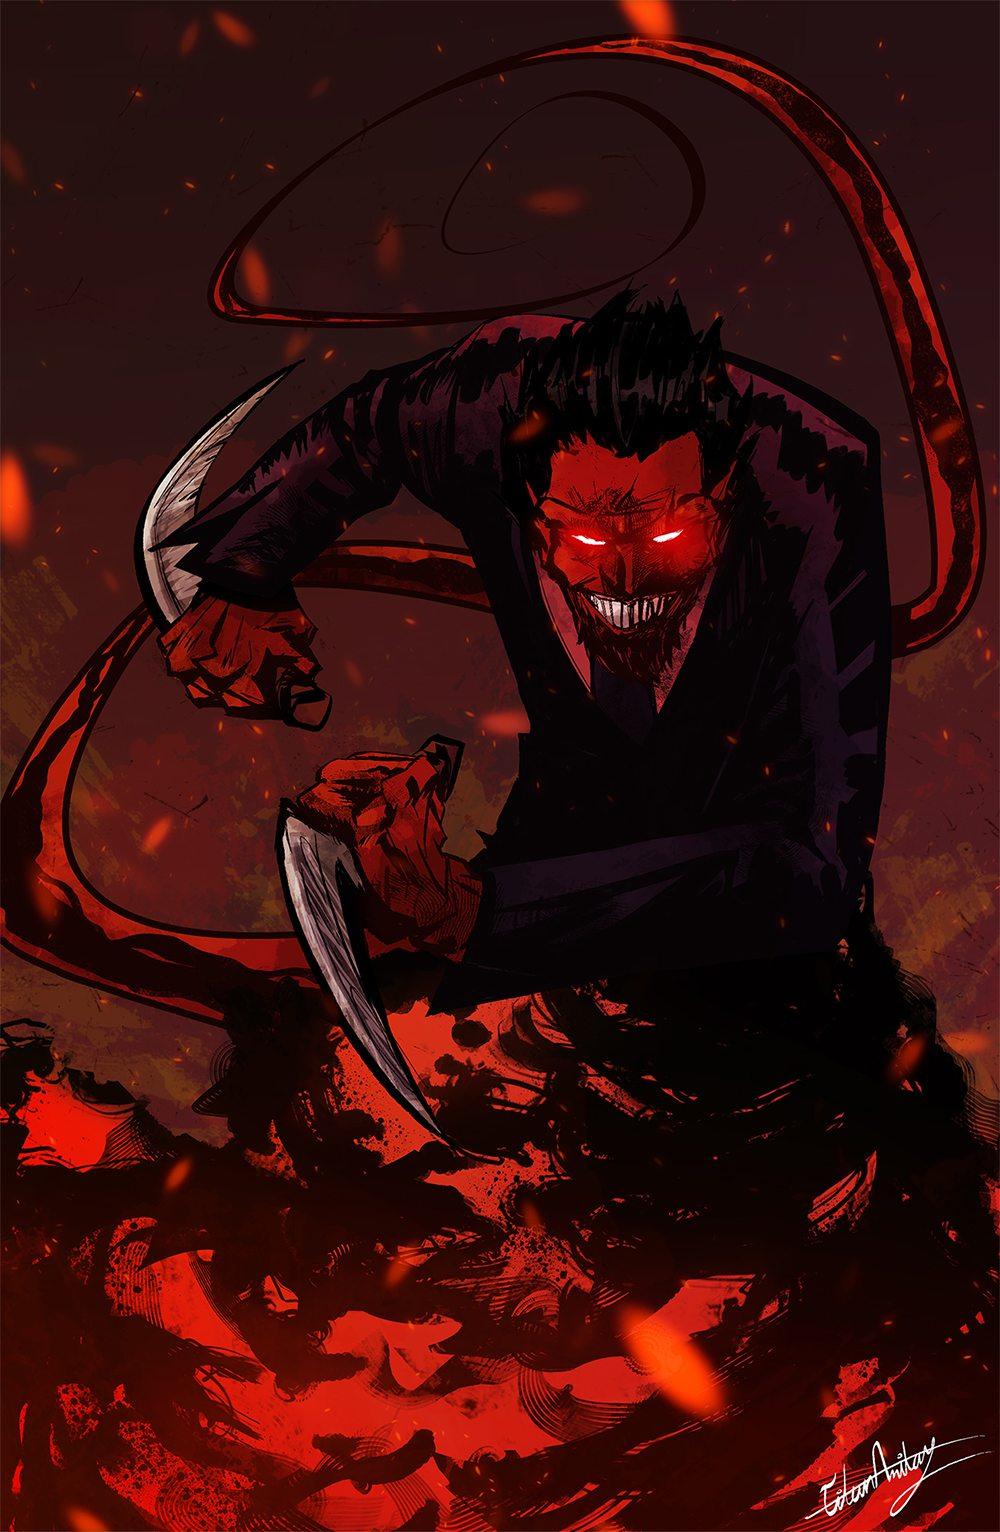 Comic illustration by Omniopticon